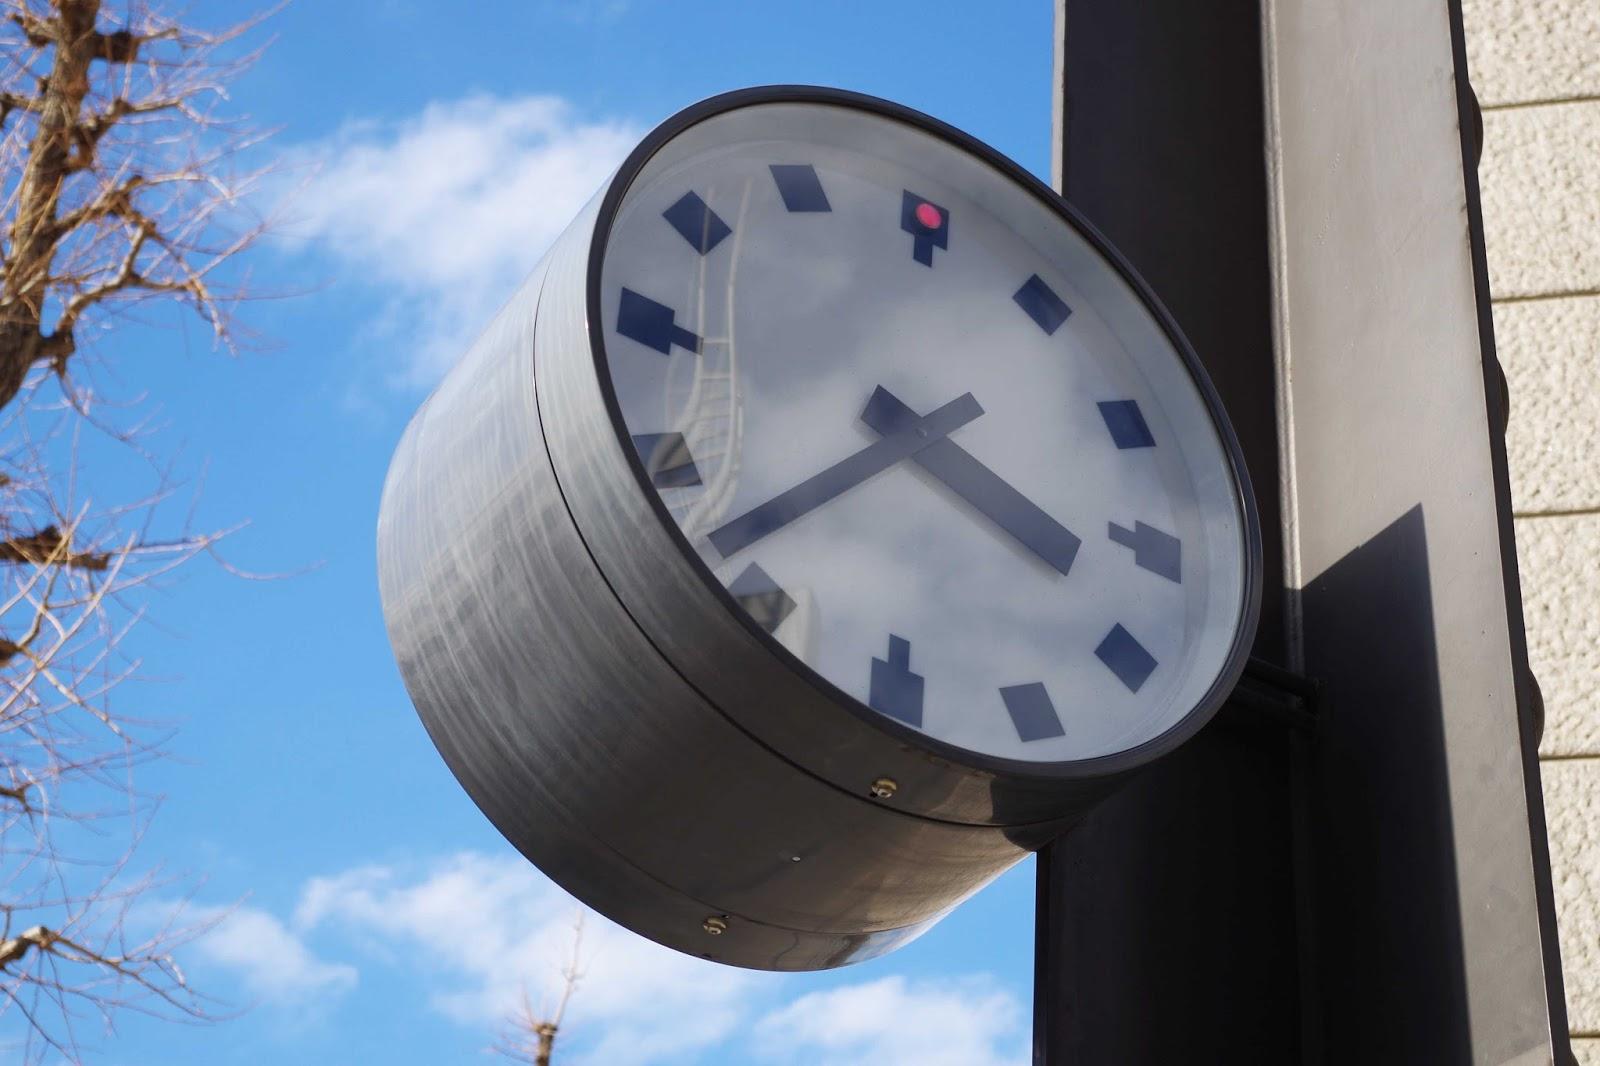 日比谷の時計3